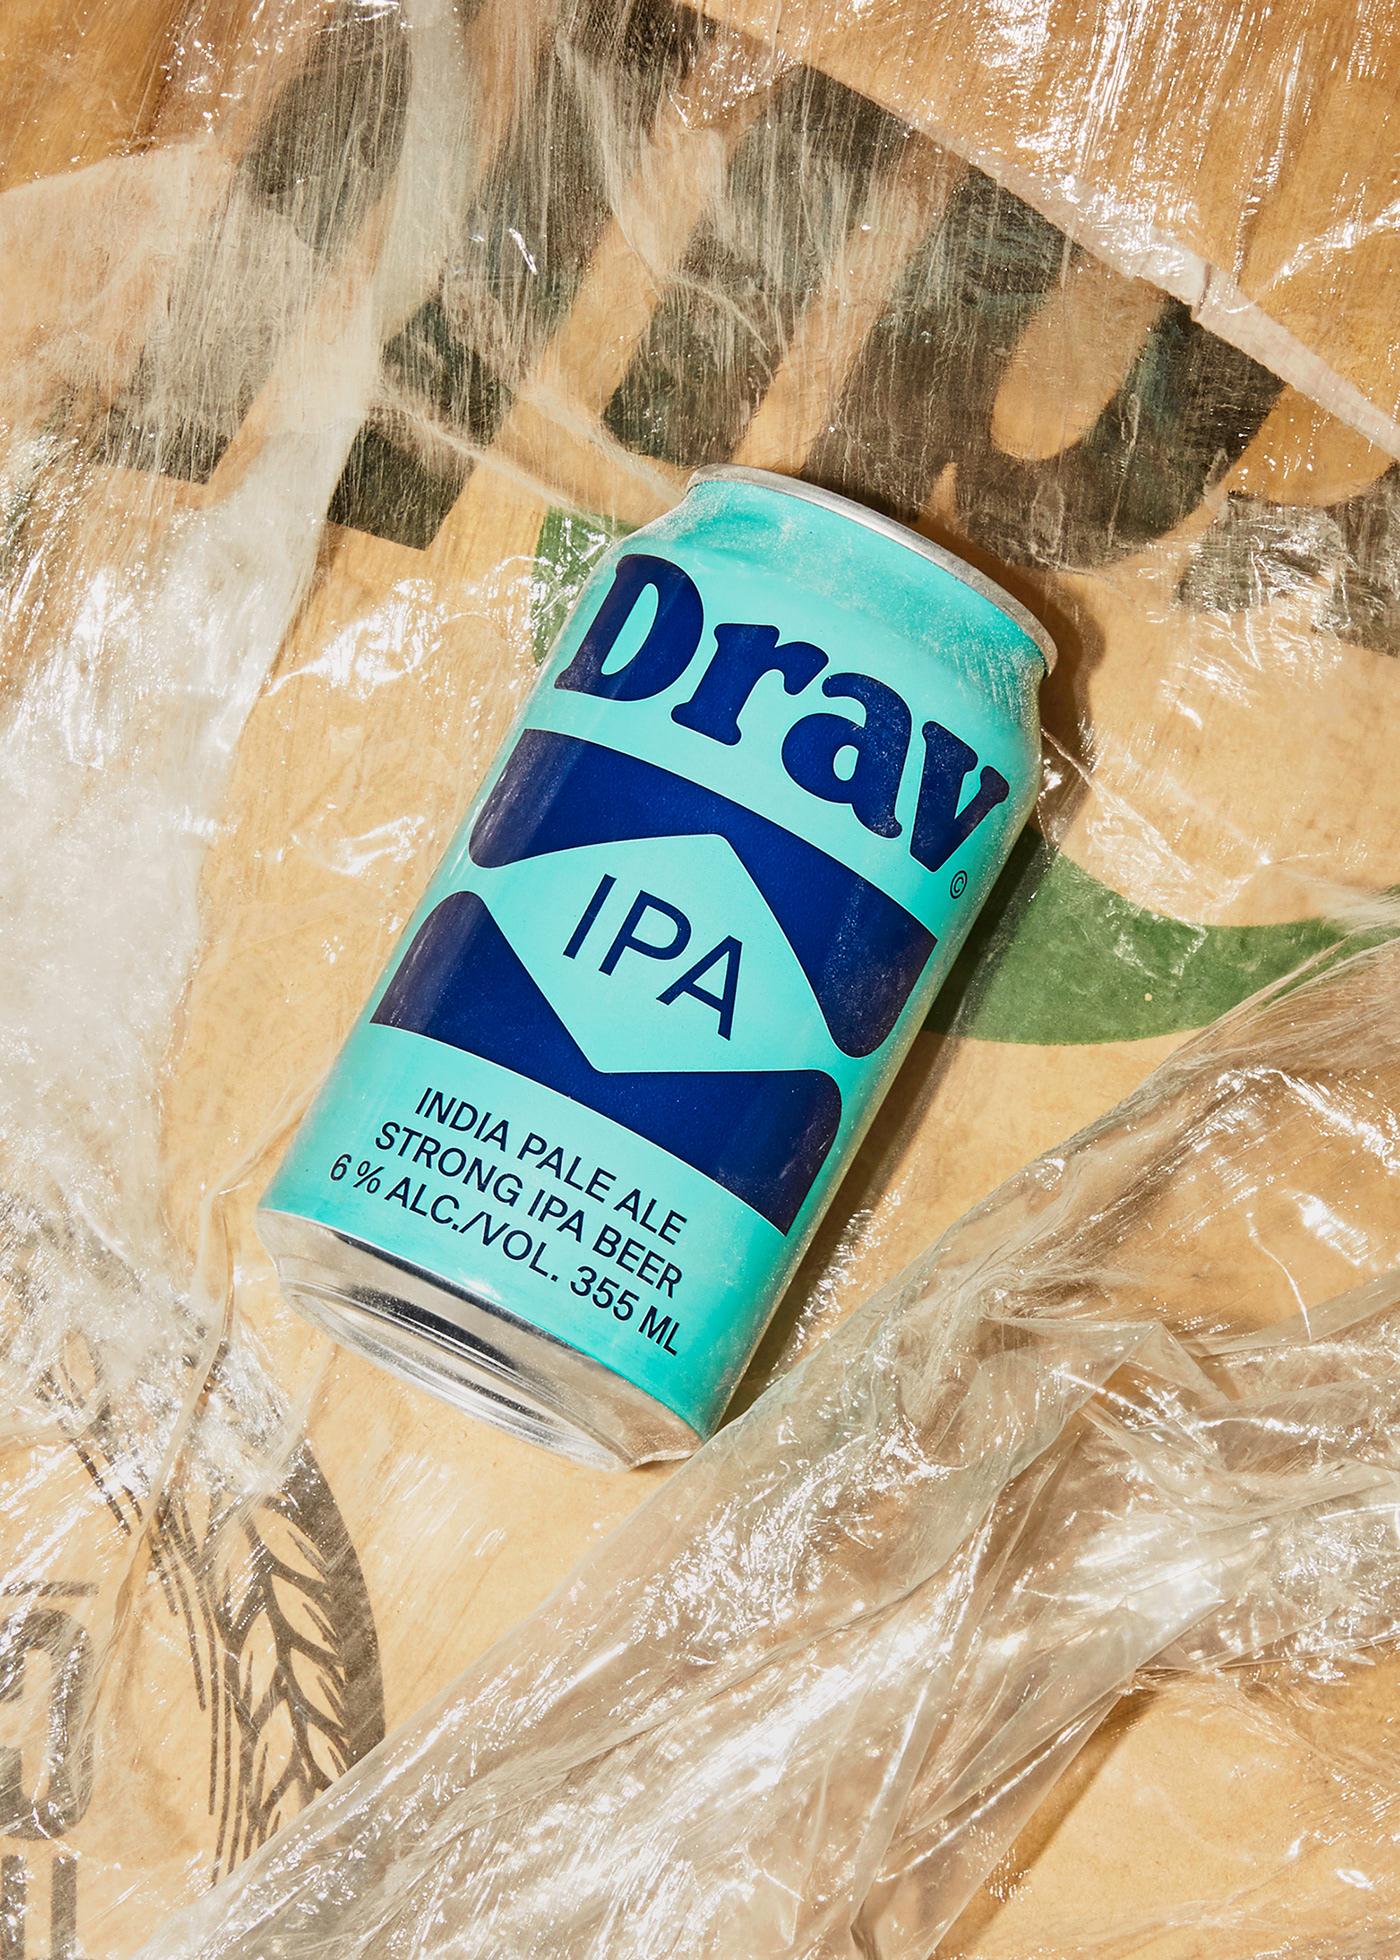 brandidentity,branddesign,beerbrand,packagingdesign,beerpackaging,ArtDirection,CreativeDirection,beer